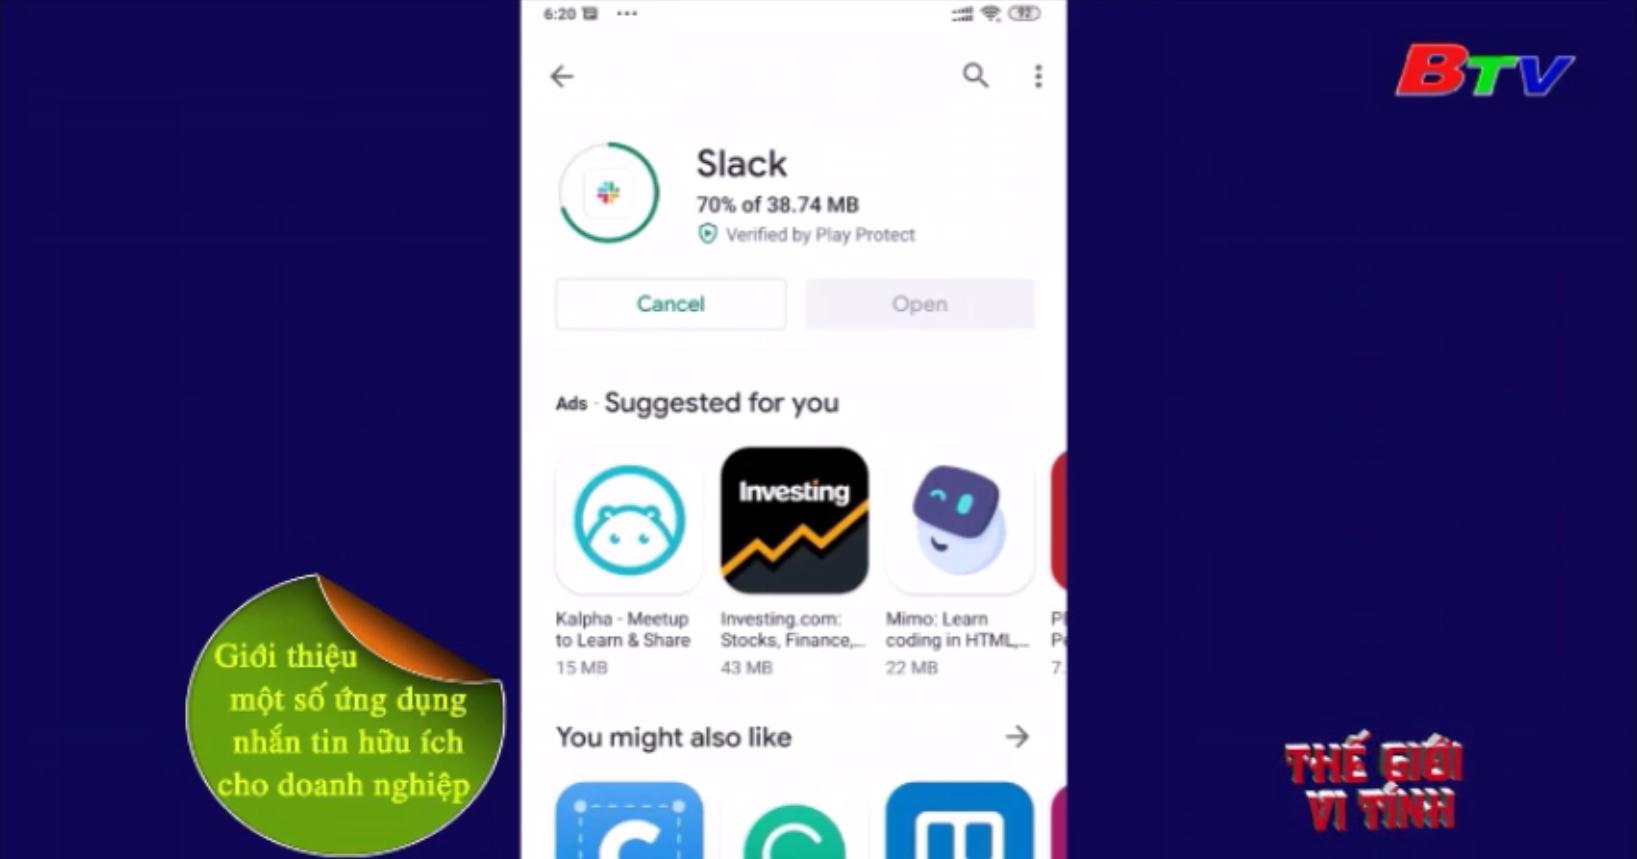 Giới thiệu một số ứng dụng nhắn tin hữu ích cho doanh nghiệp